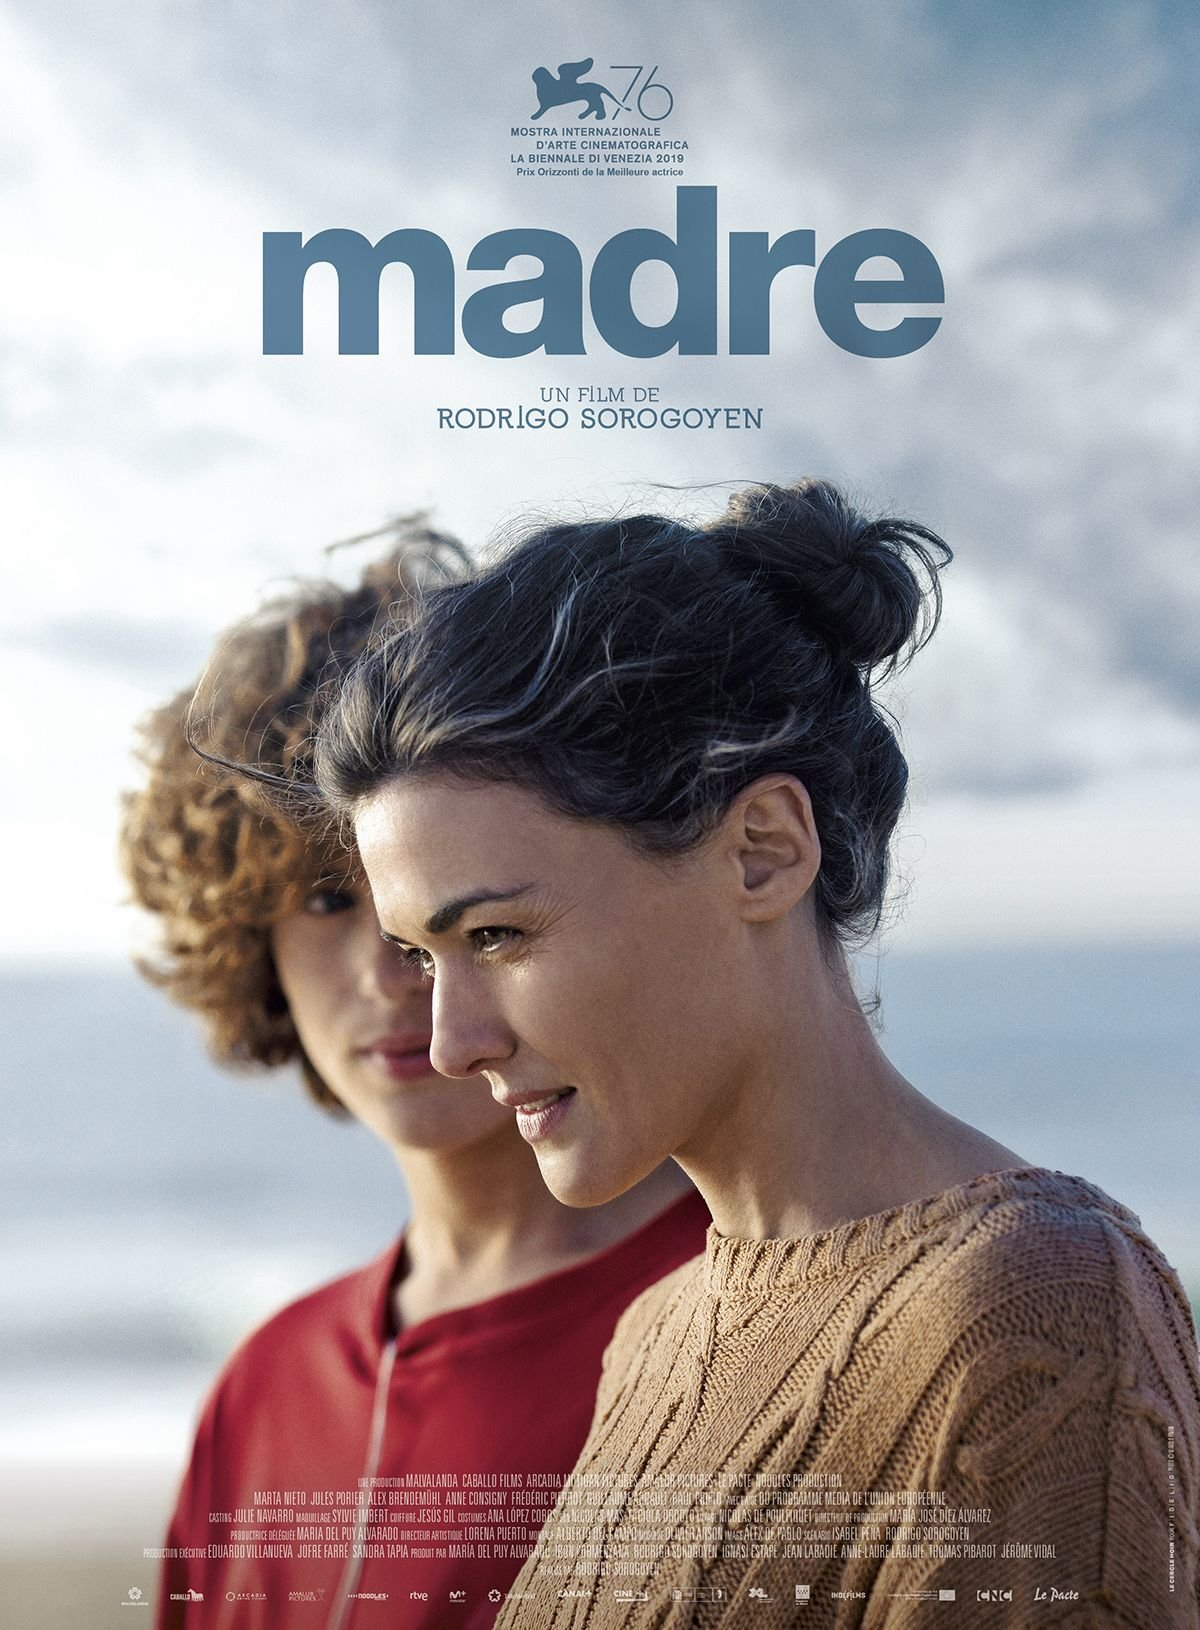 Votre dernier film visionné - Page 14 Madre